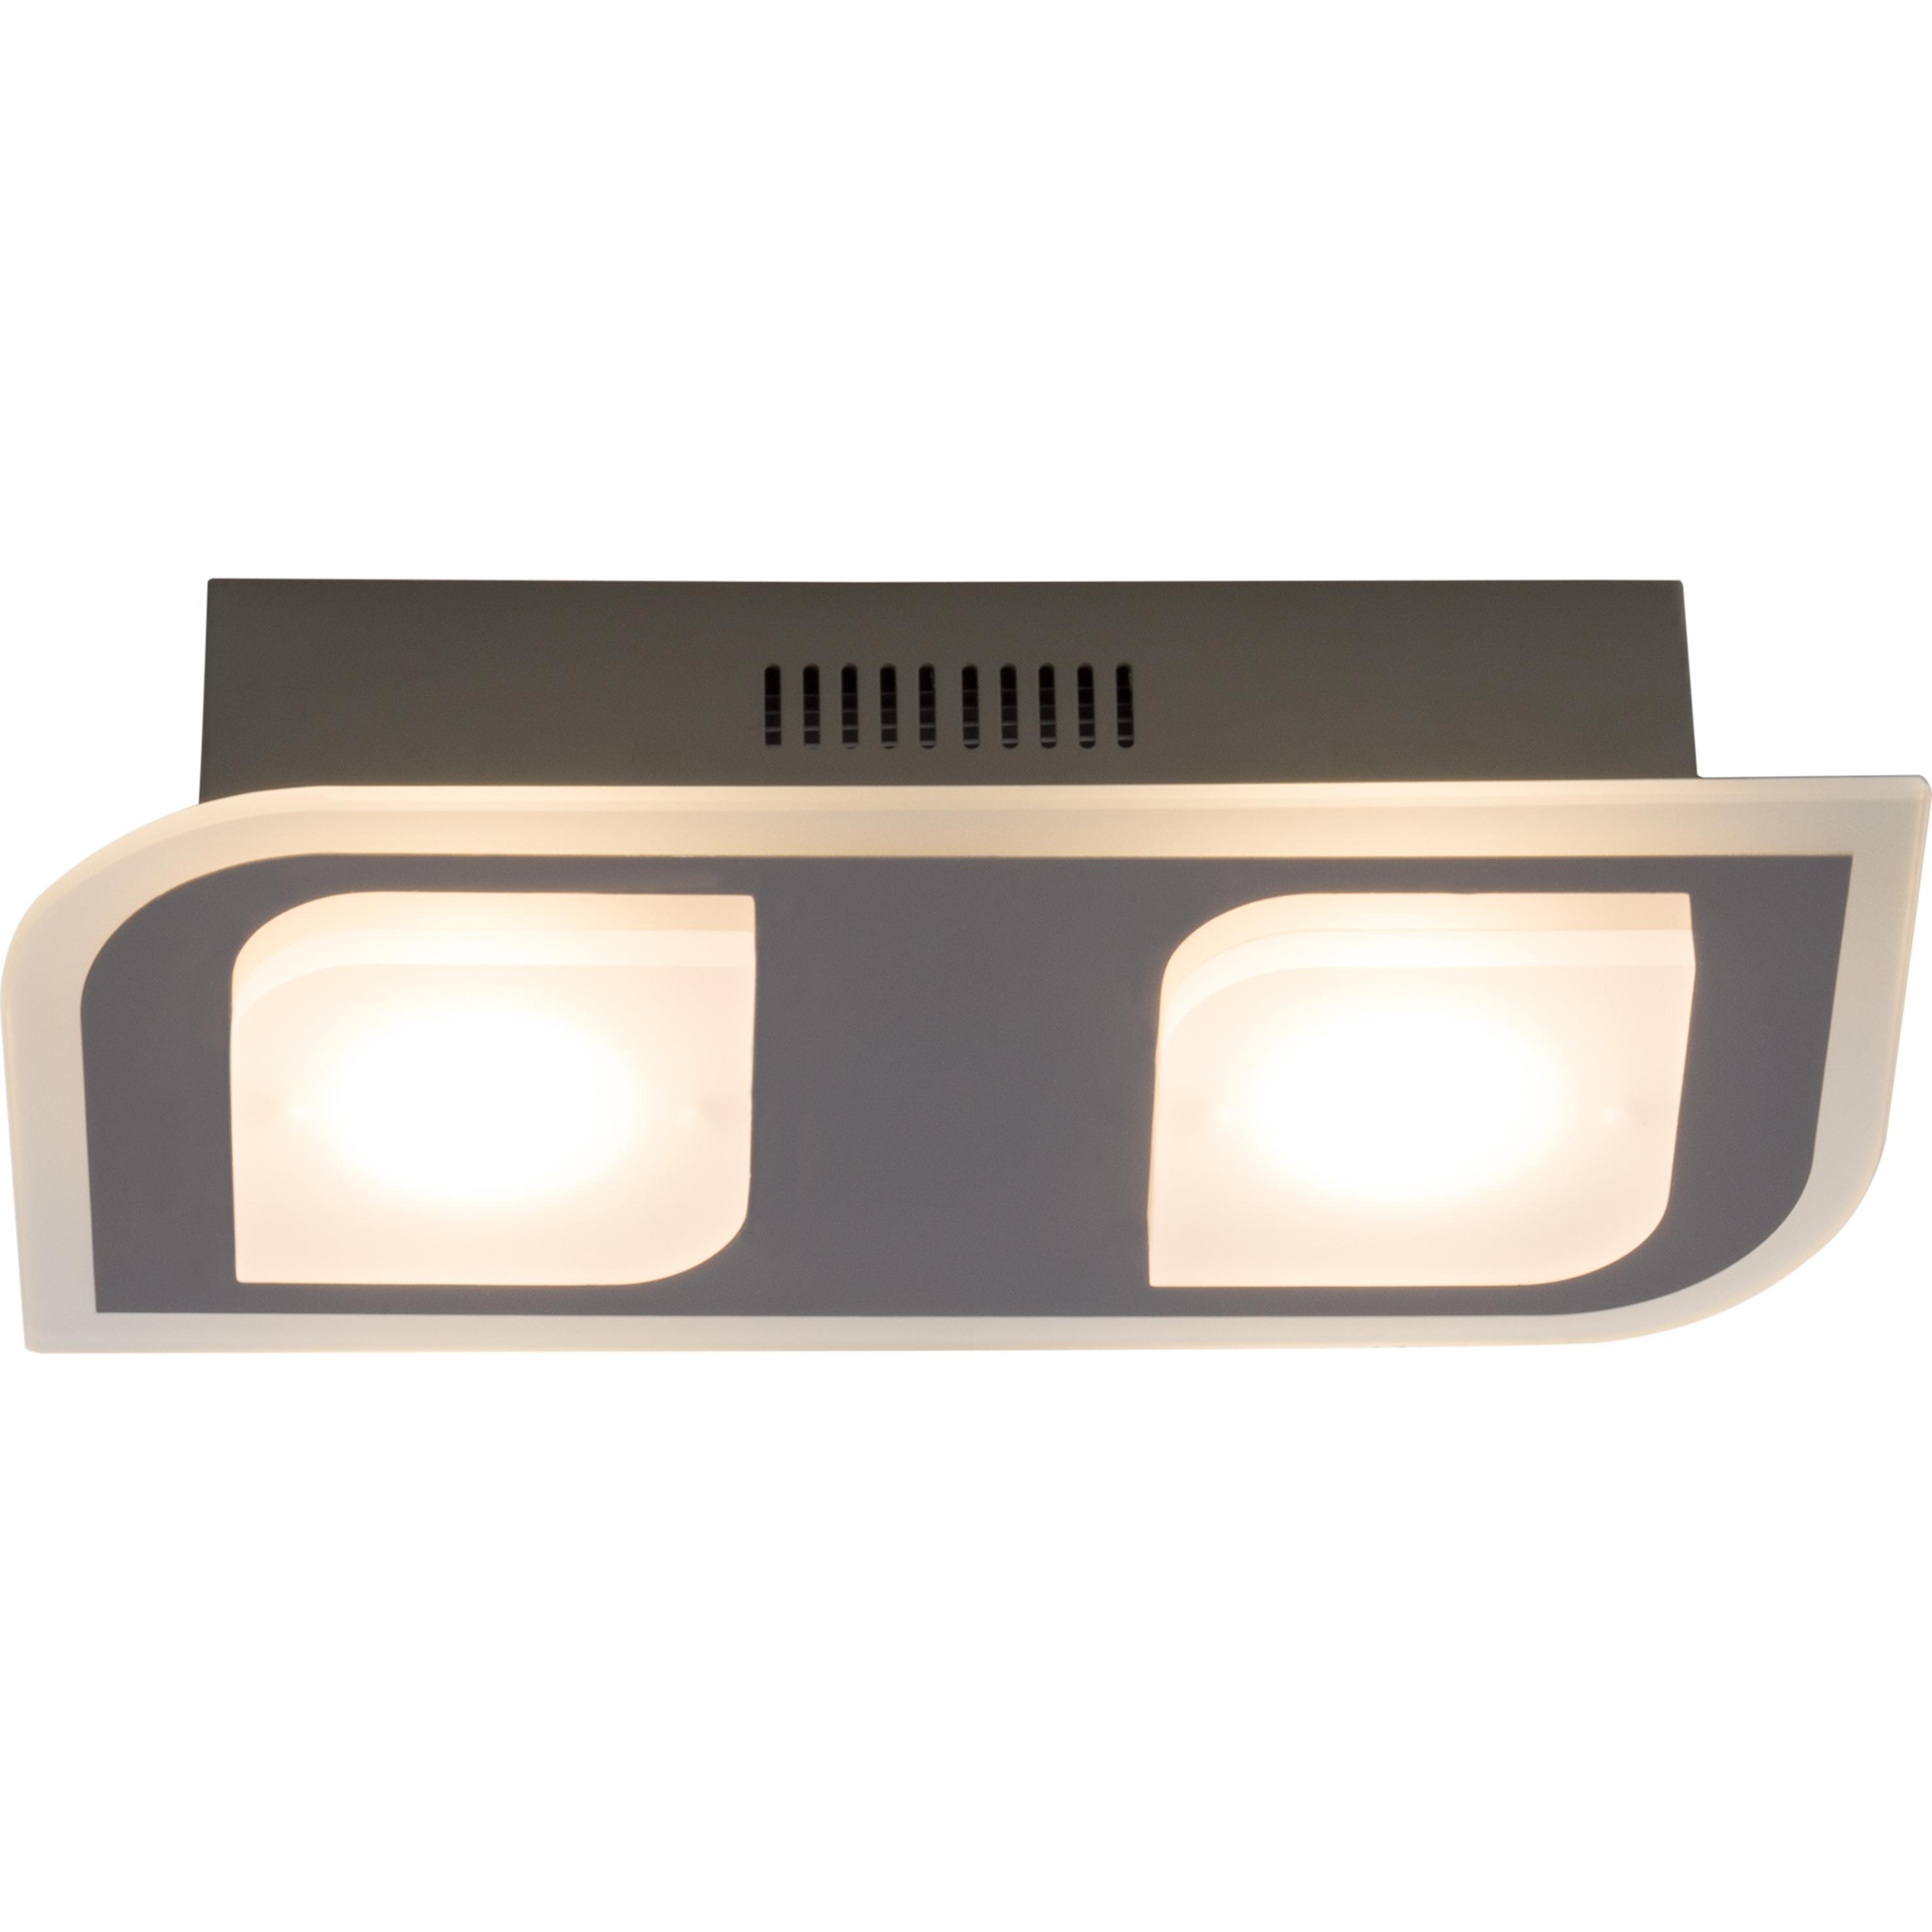 Brilliant Leuchten Formular LED Wand- und Deckenleuchte 2flg chrom